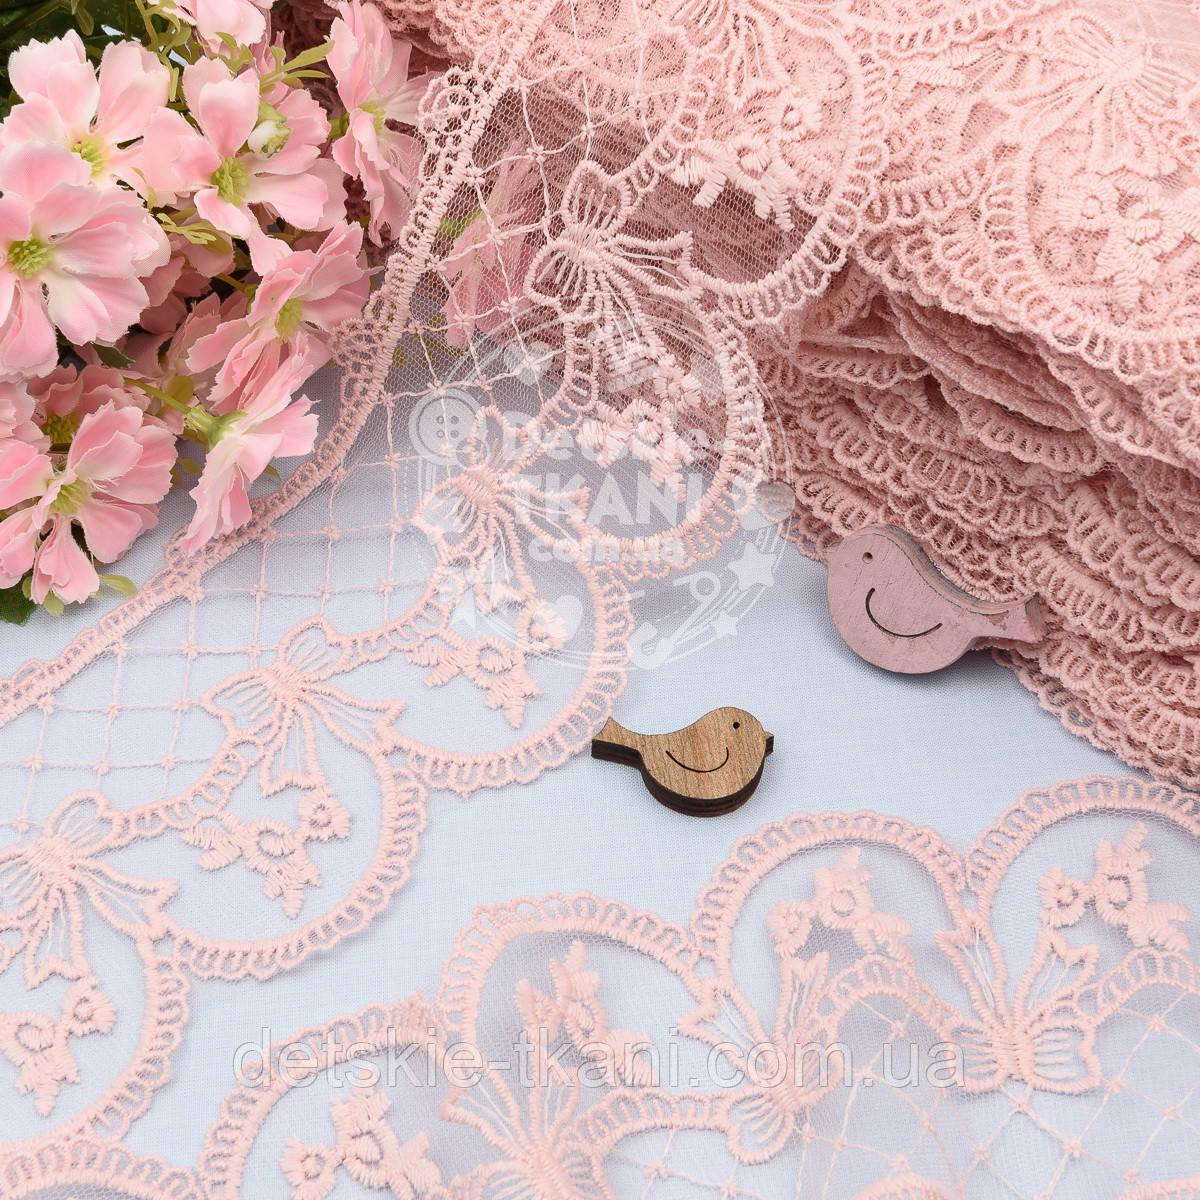 Кружево с бантиками и ромбами, цвет пыльной розы, ширина 10 см.